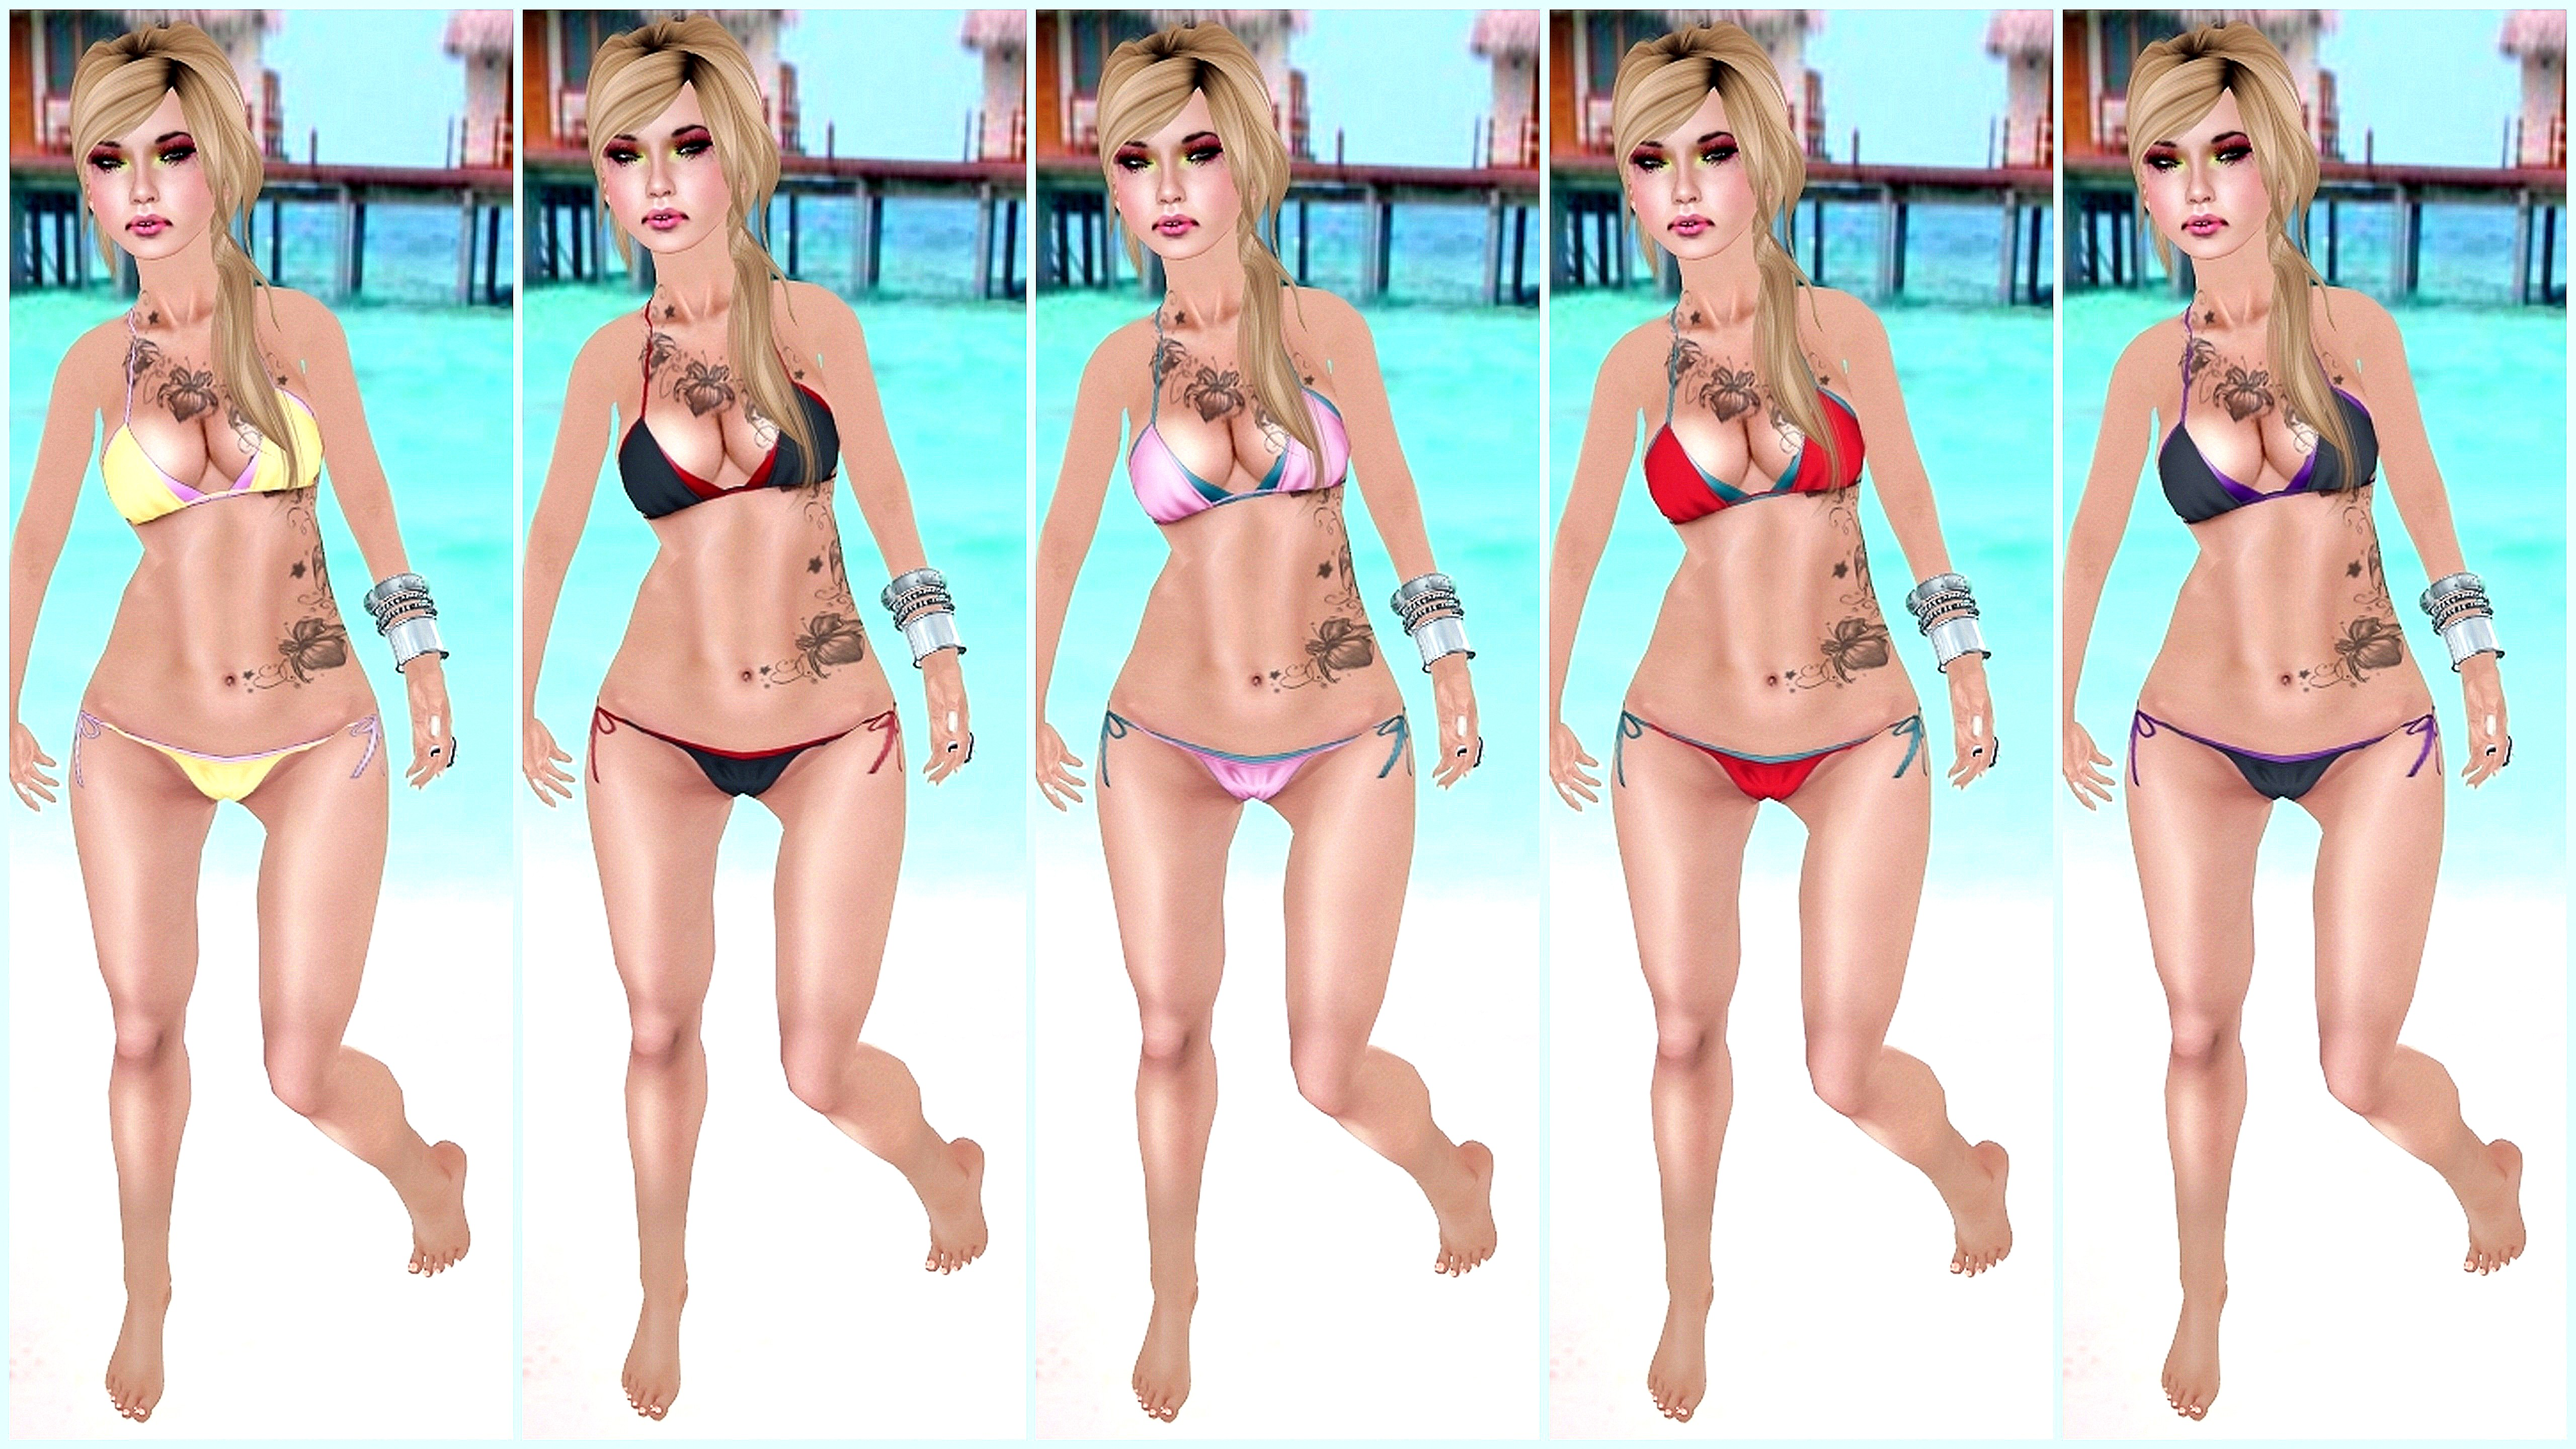 Image search: Nn Model Peach